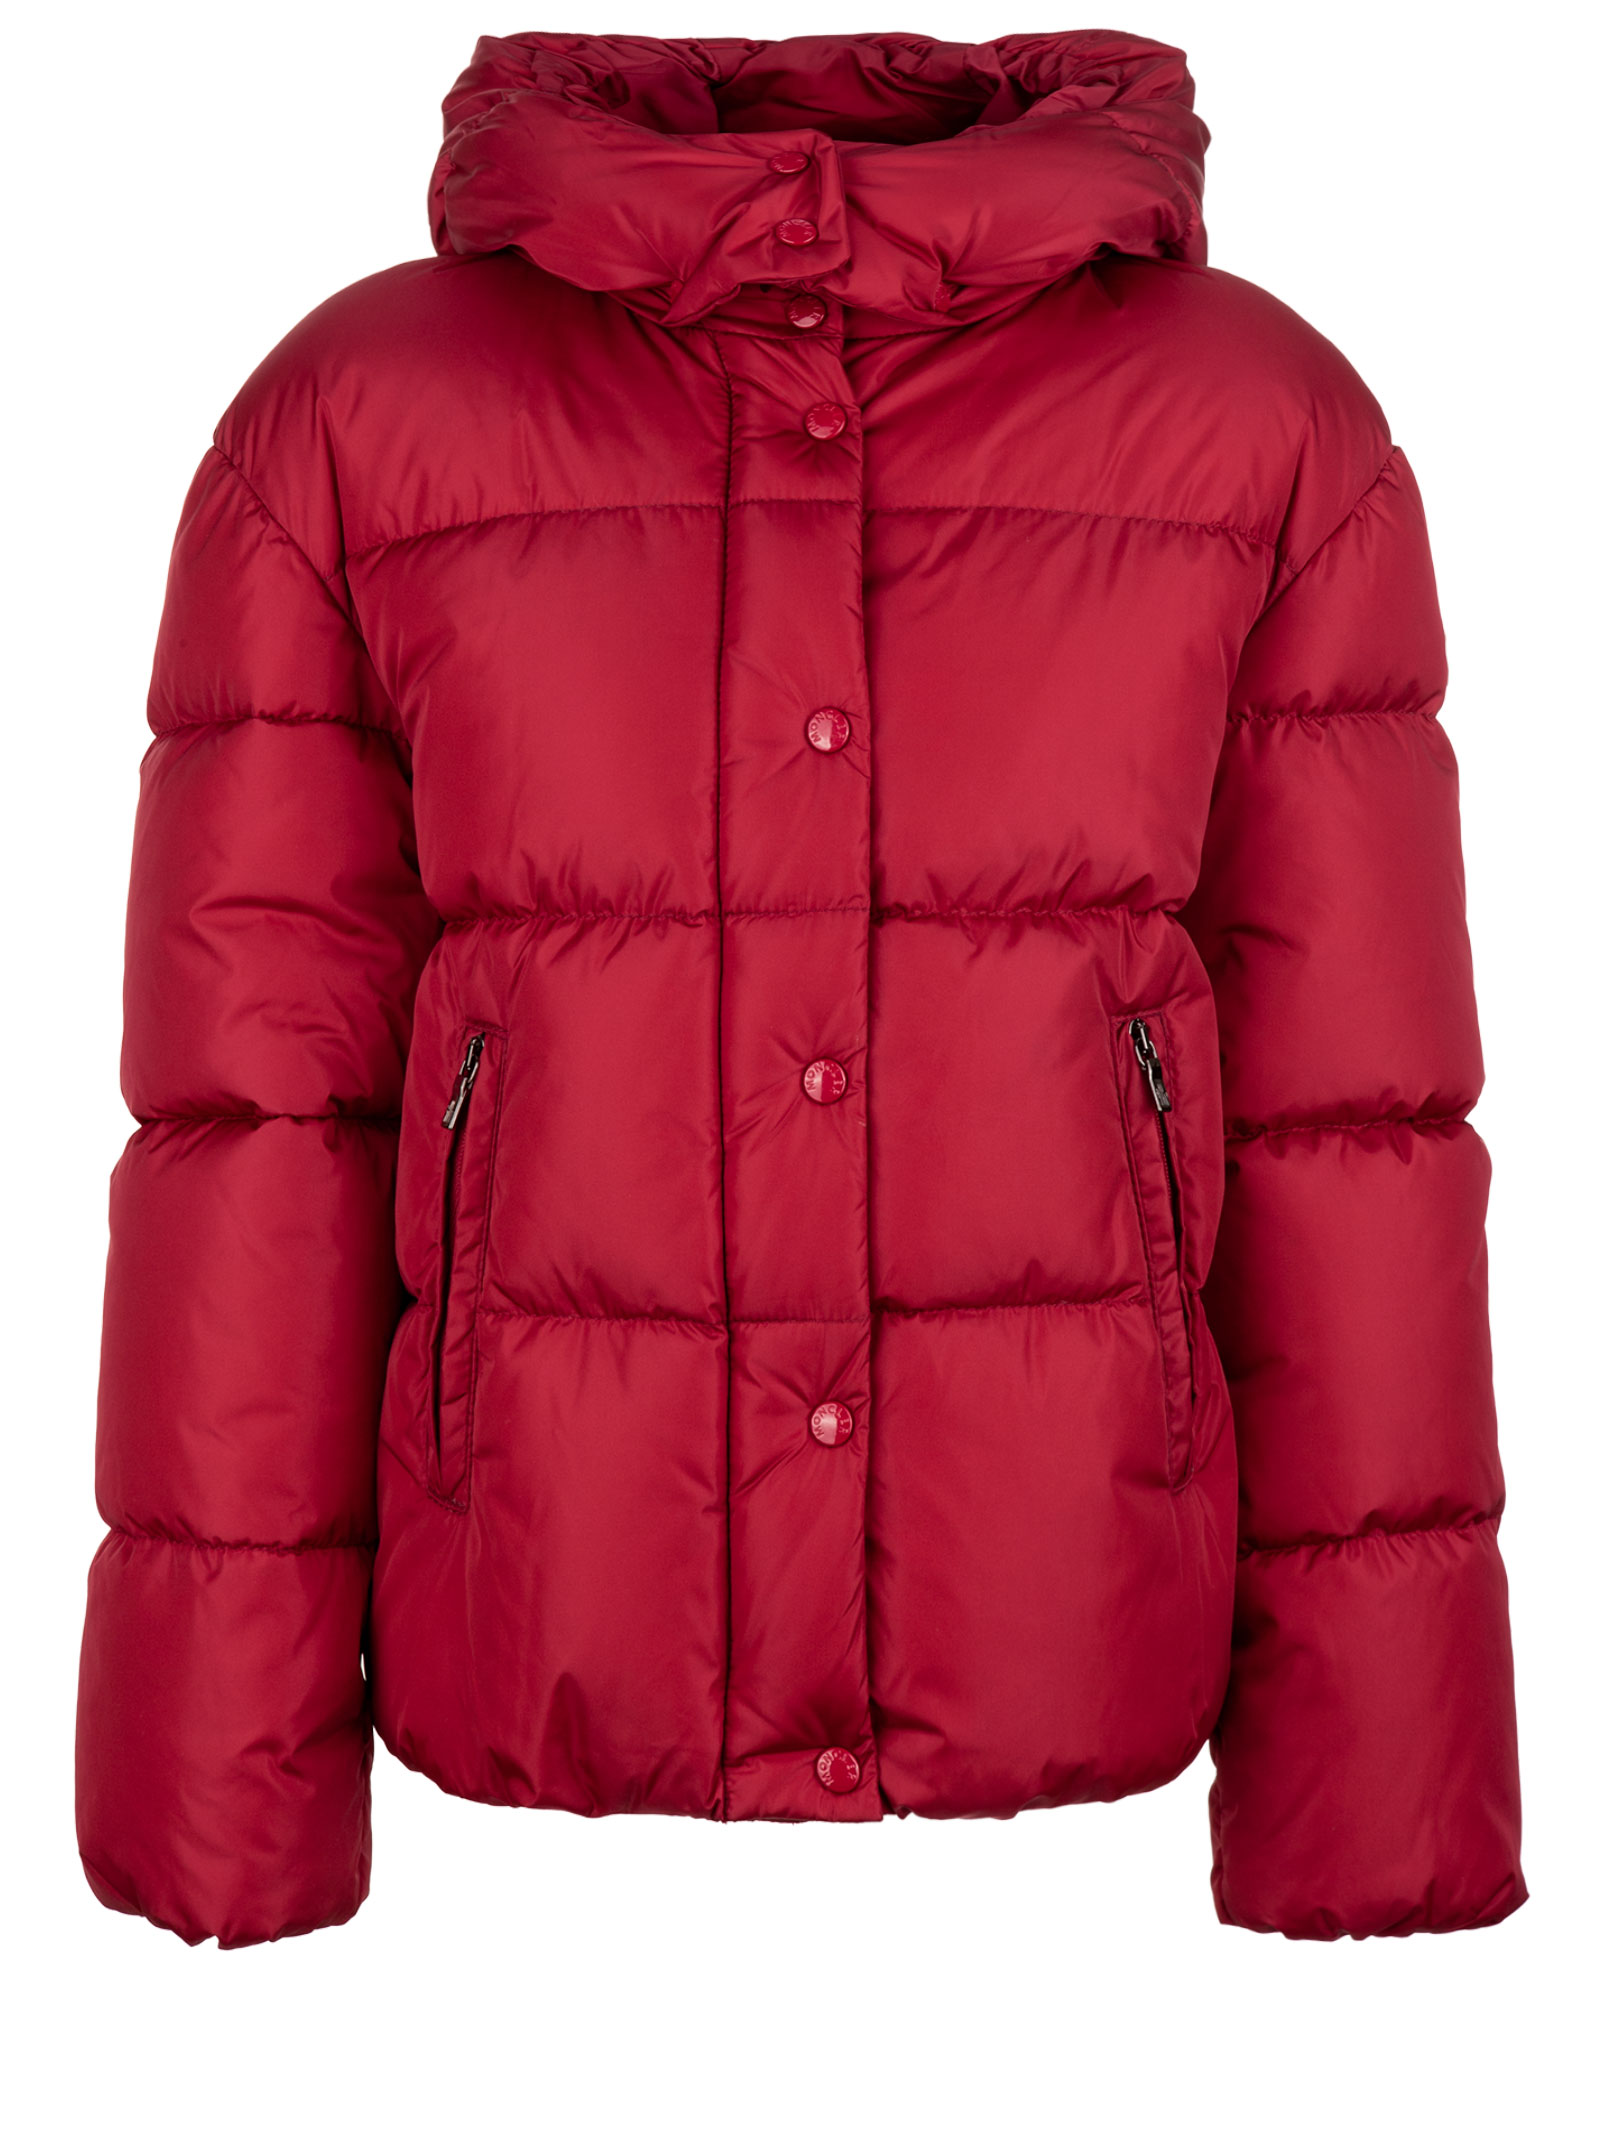 9c6520311 Moncler Kids down jacket - Moncler Kids - Michele Franzese Moda